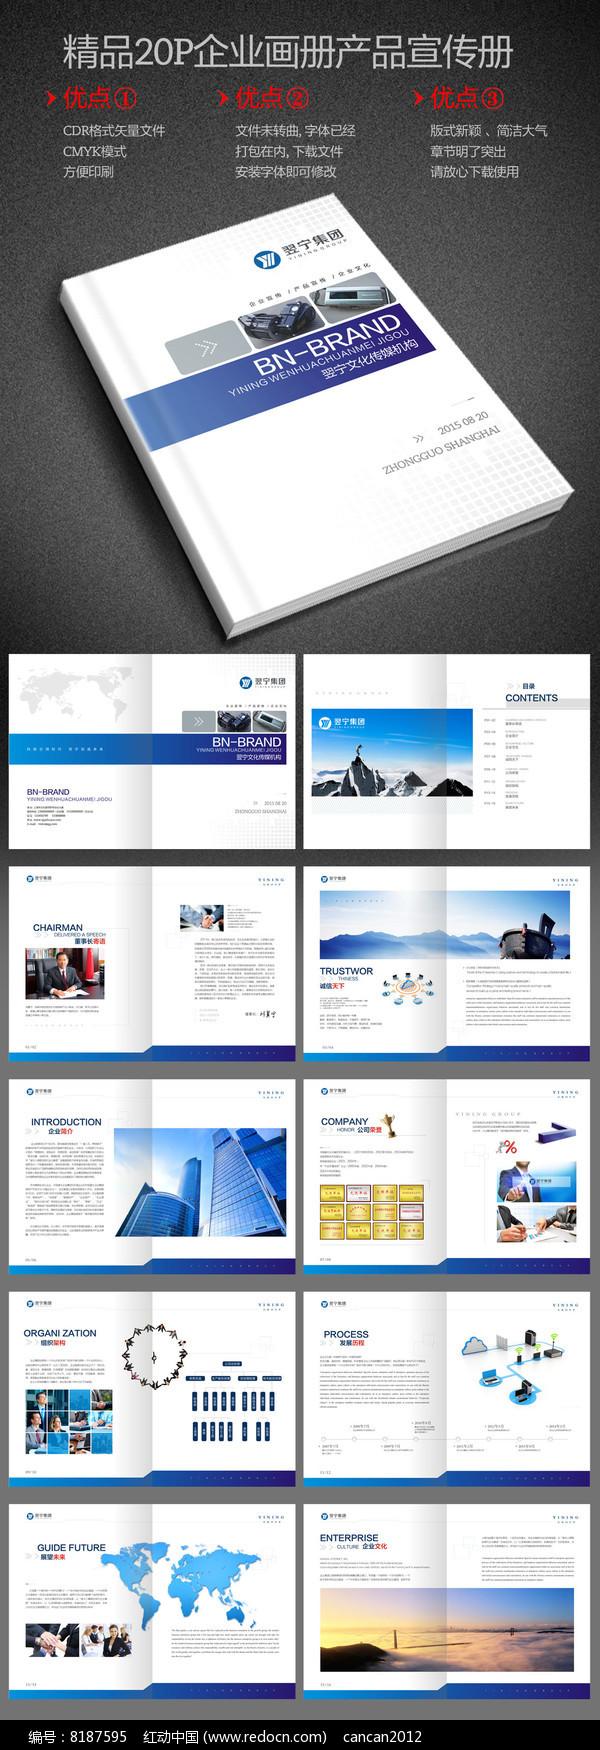 通用企业宣传画册设计PSD模板图片